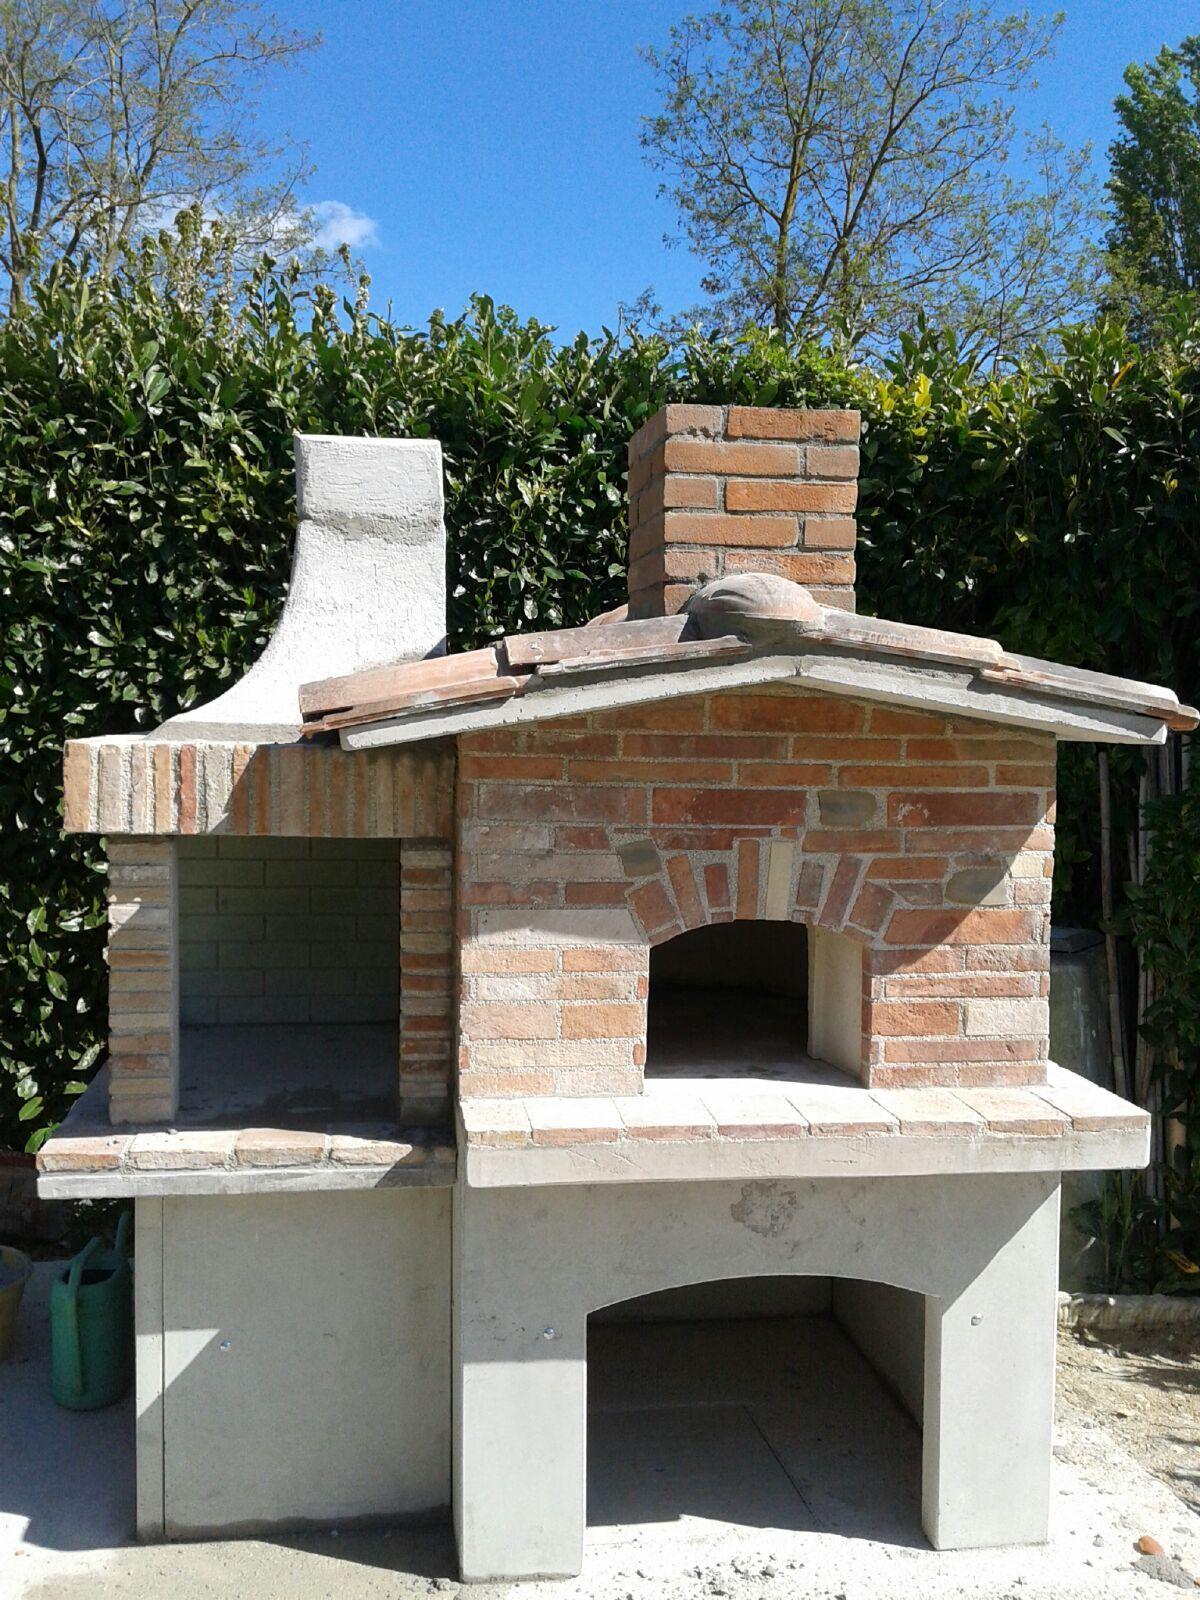 Forno con barbecue da esterno cb caminetti bellucci - Barbecue esterno ...